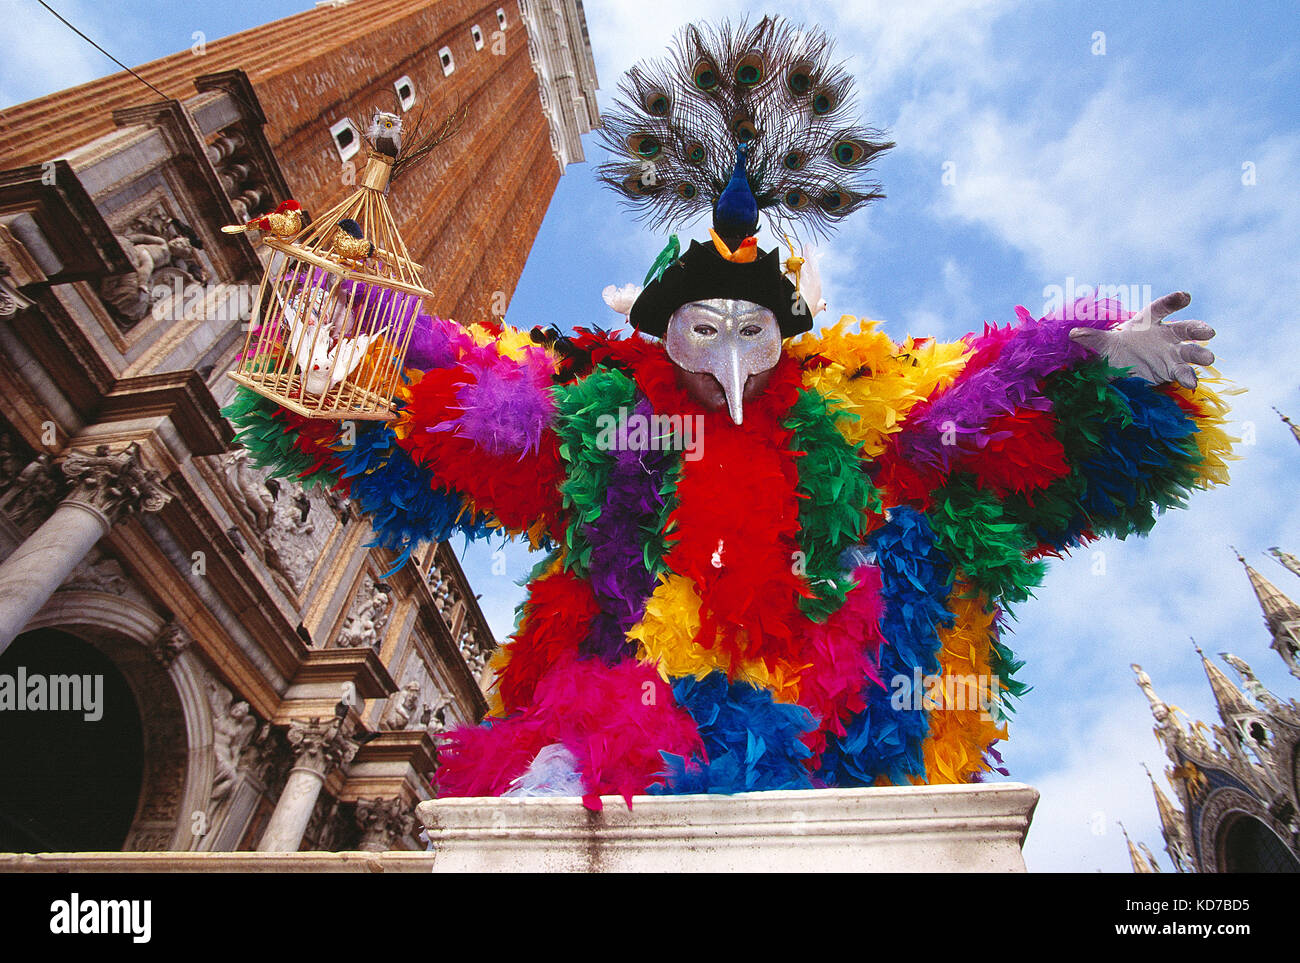 Italie. Venise. carnaval. homme en costume thème d'oiseaux. Photo Stock